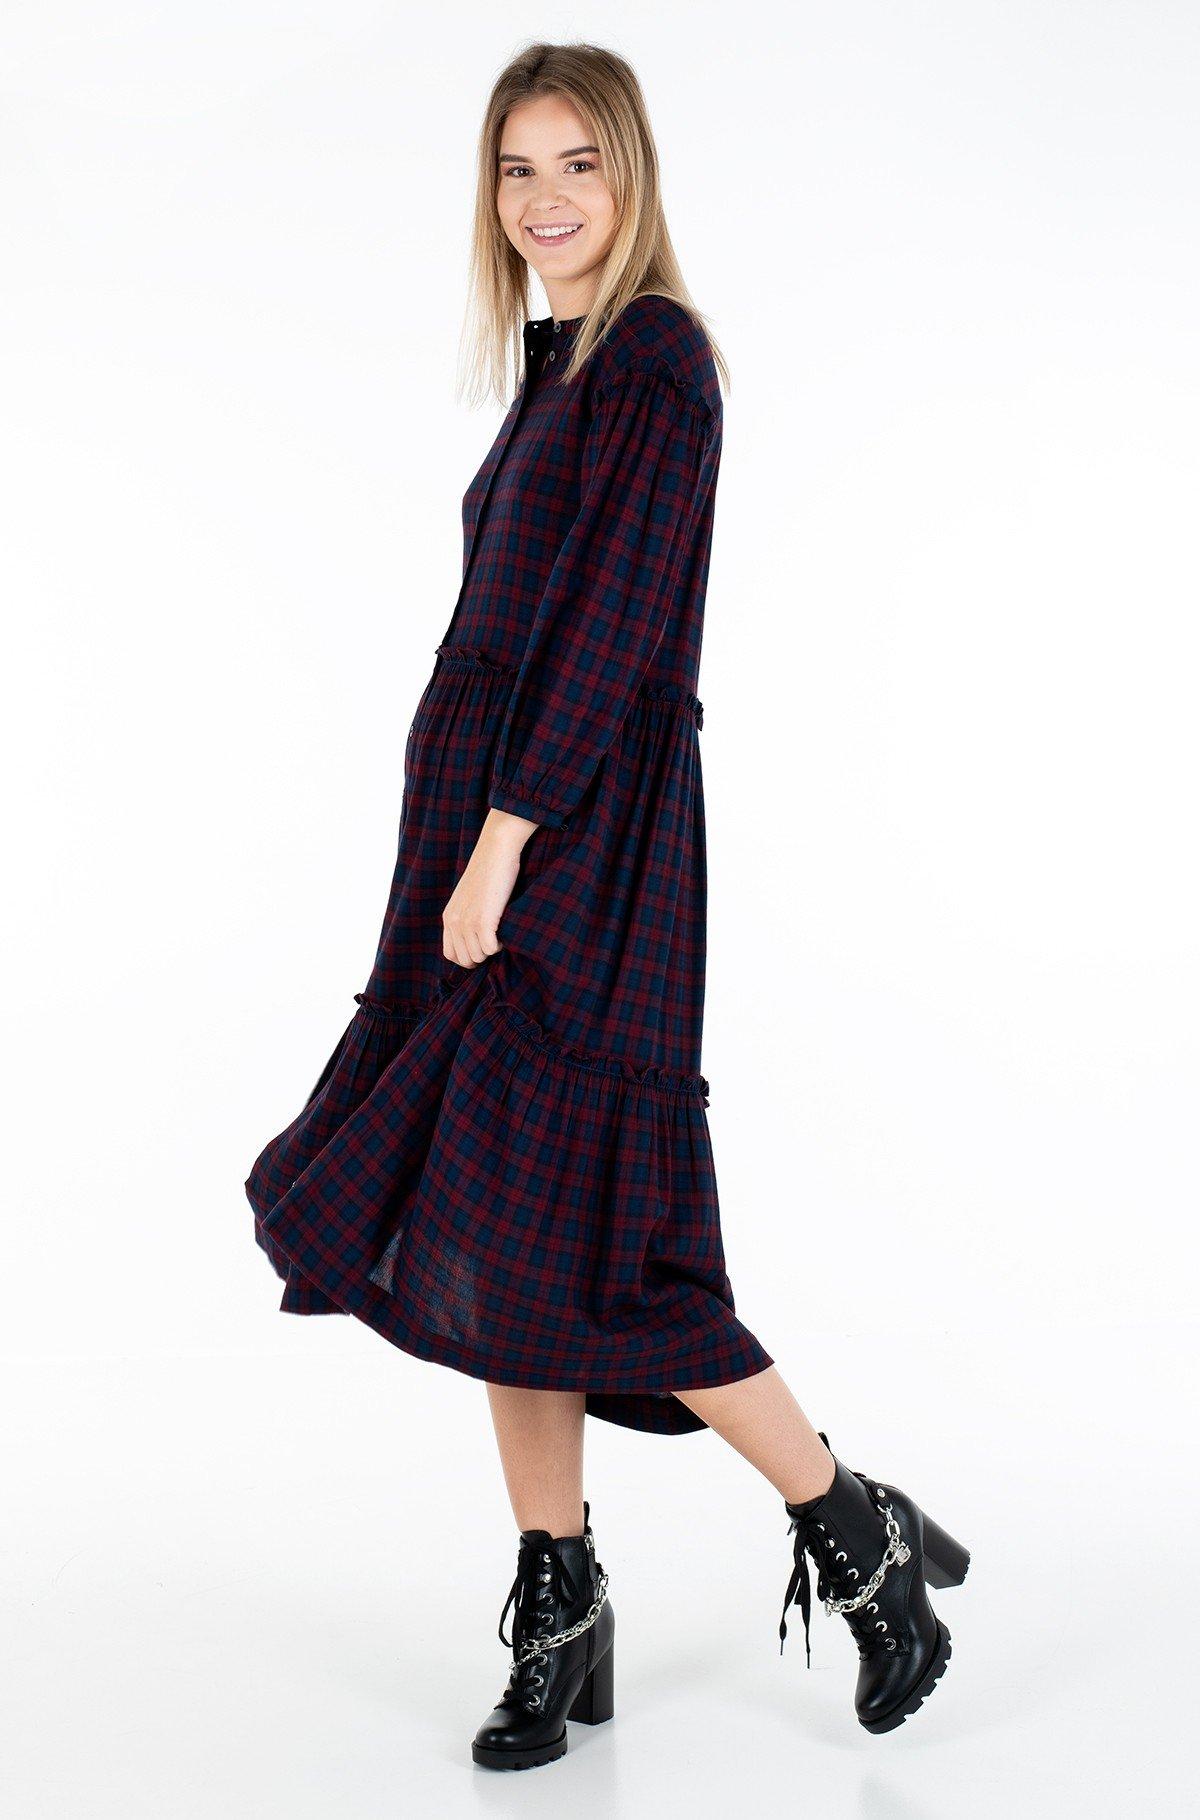 Suknelė BEA TARTAN SHIRT DRESS 3/4 SLV-full-1